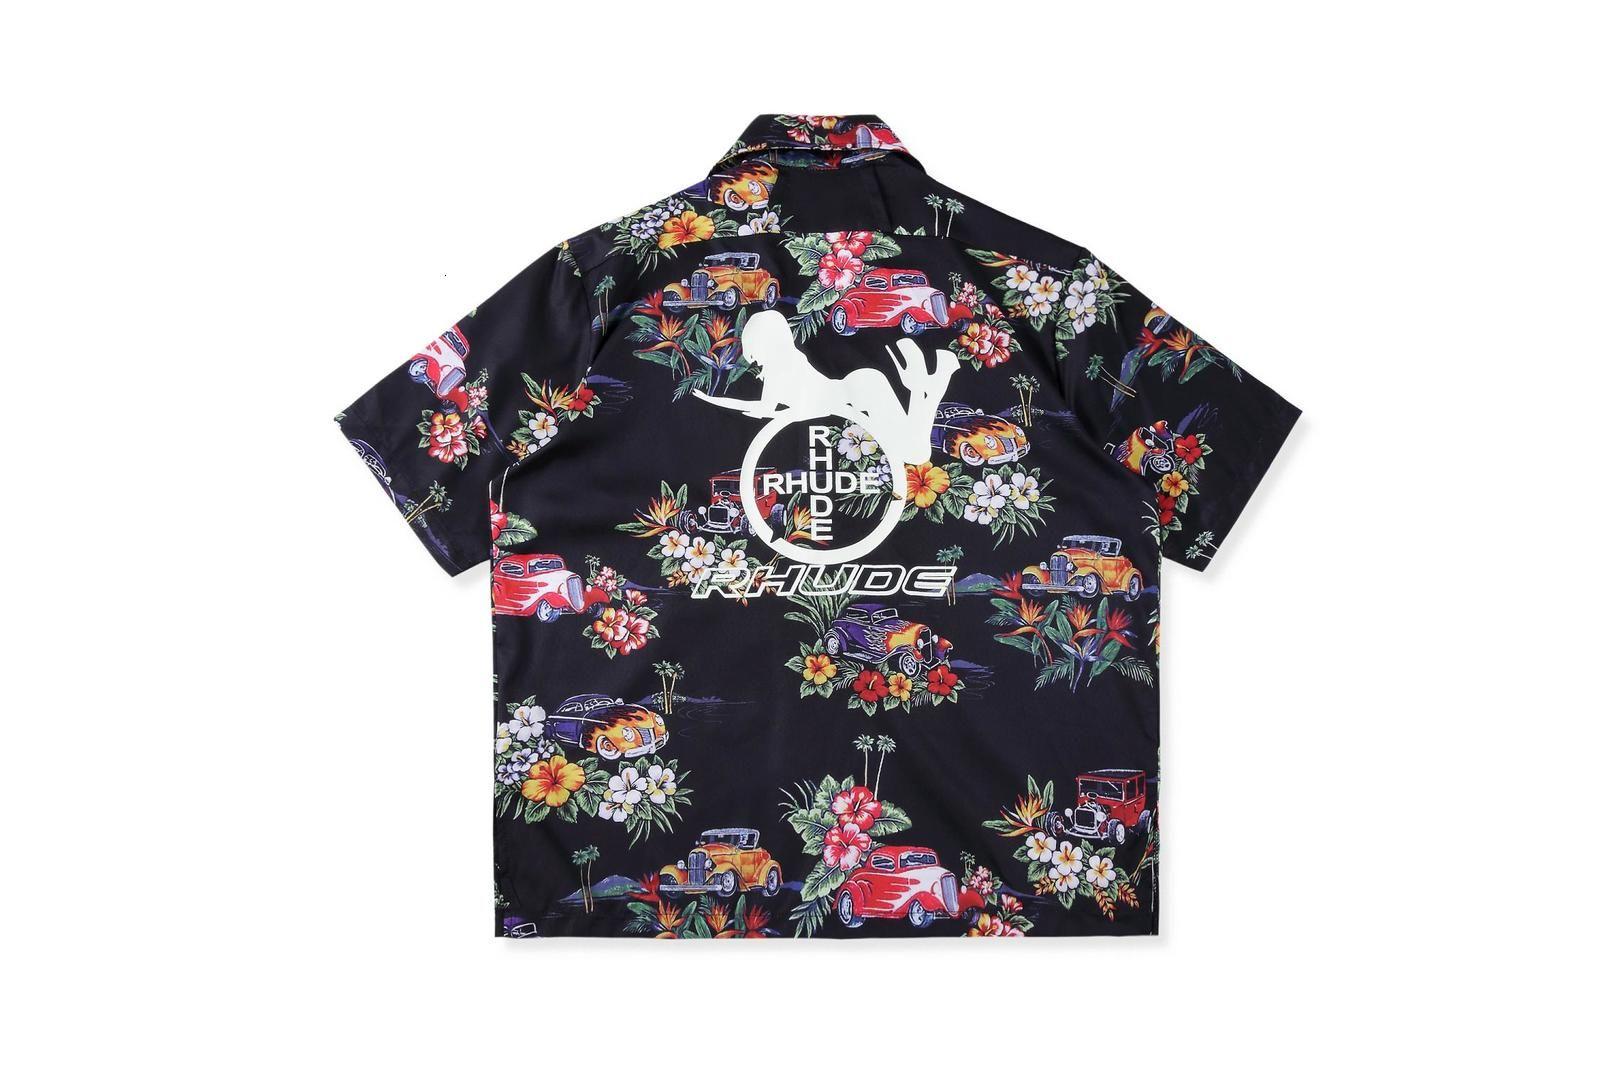 19SS Hawaiian 1: 1 Üst versiyonu tişört erkekler kadınlar streetwear hip hop casual rhude gömlek kısa kollu